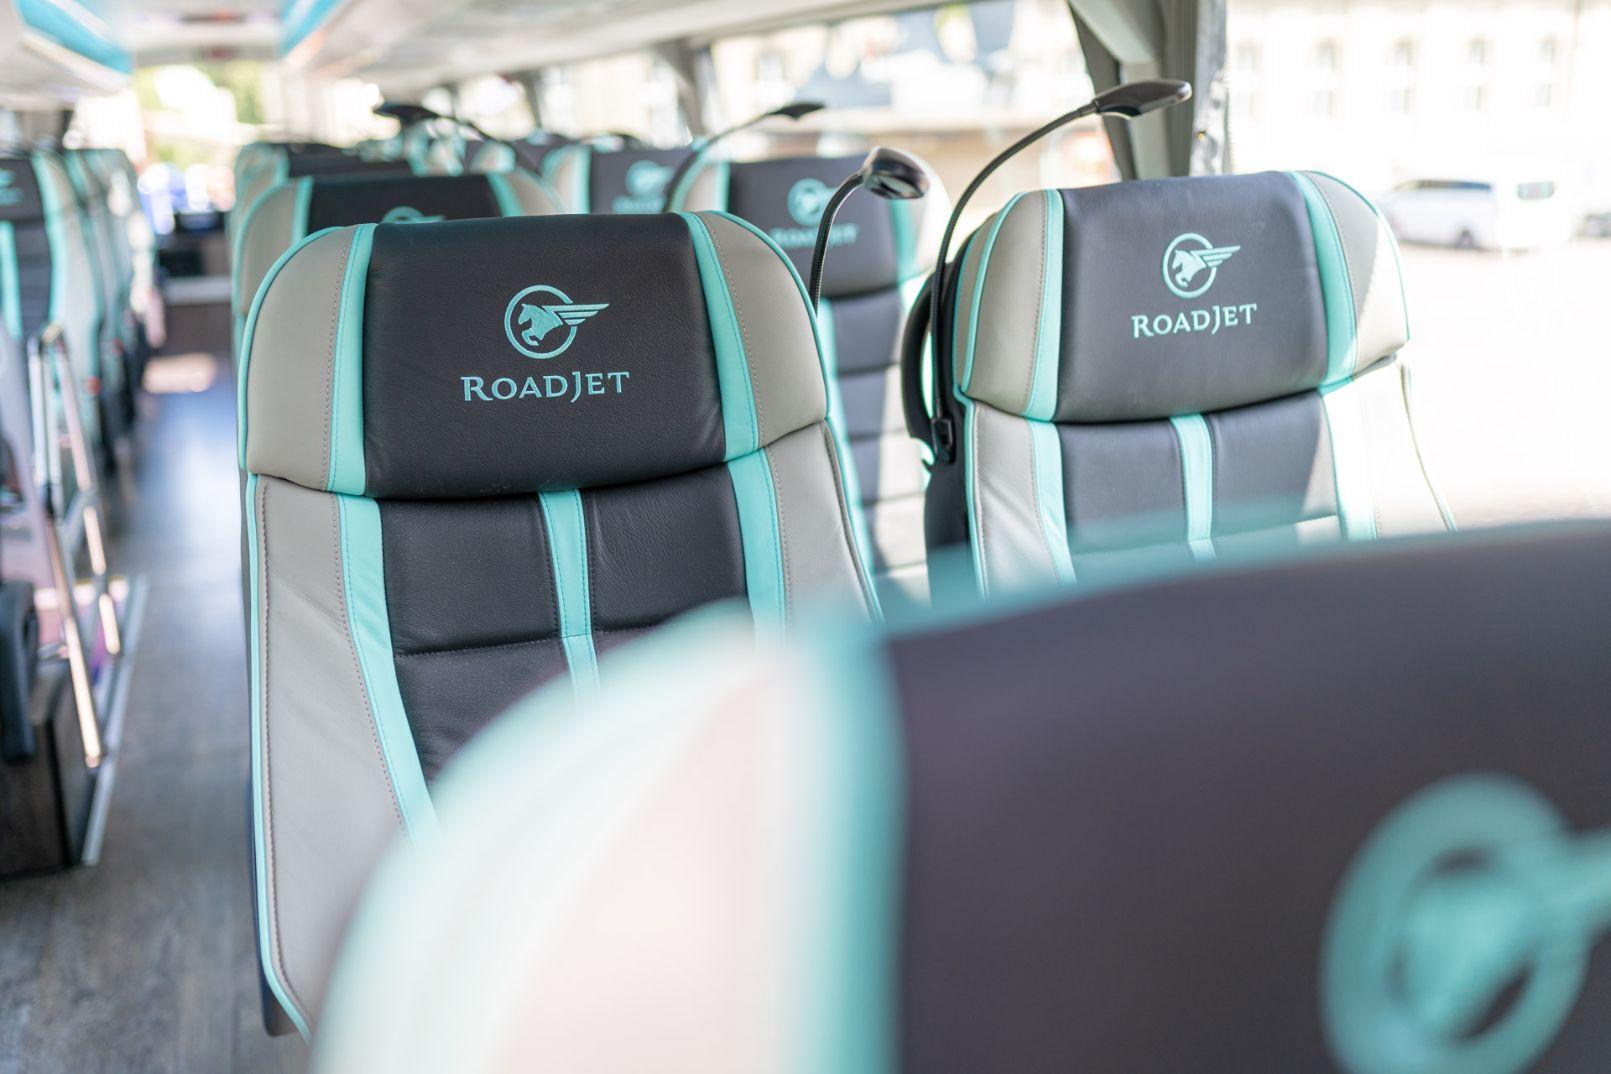 Roadjet_Innenausstattung_Startup_interview